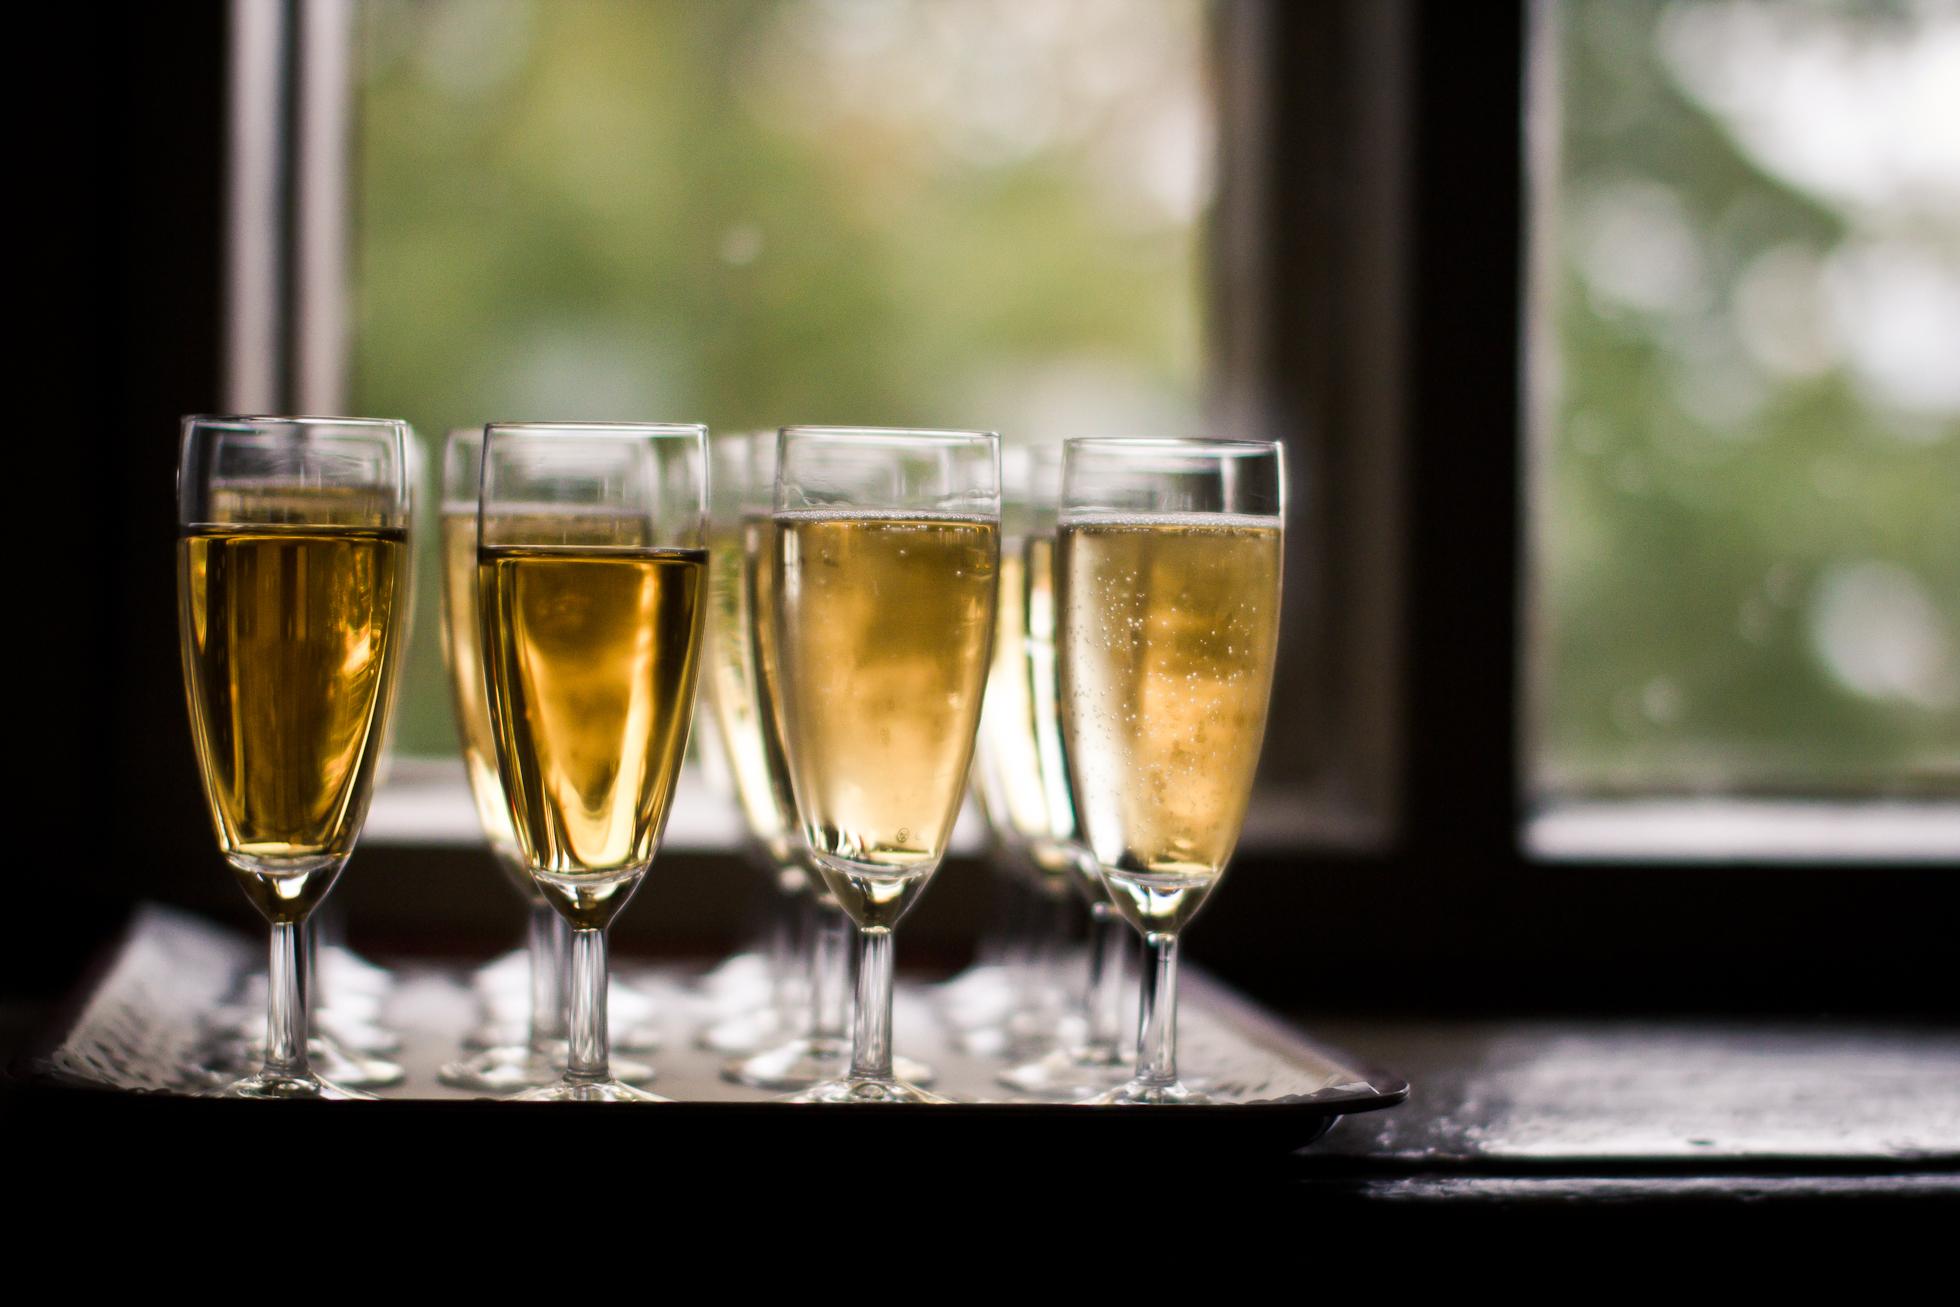 Raise a glass - We now serve Alcohol